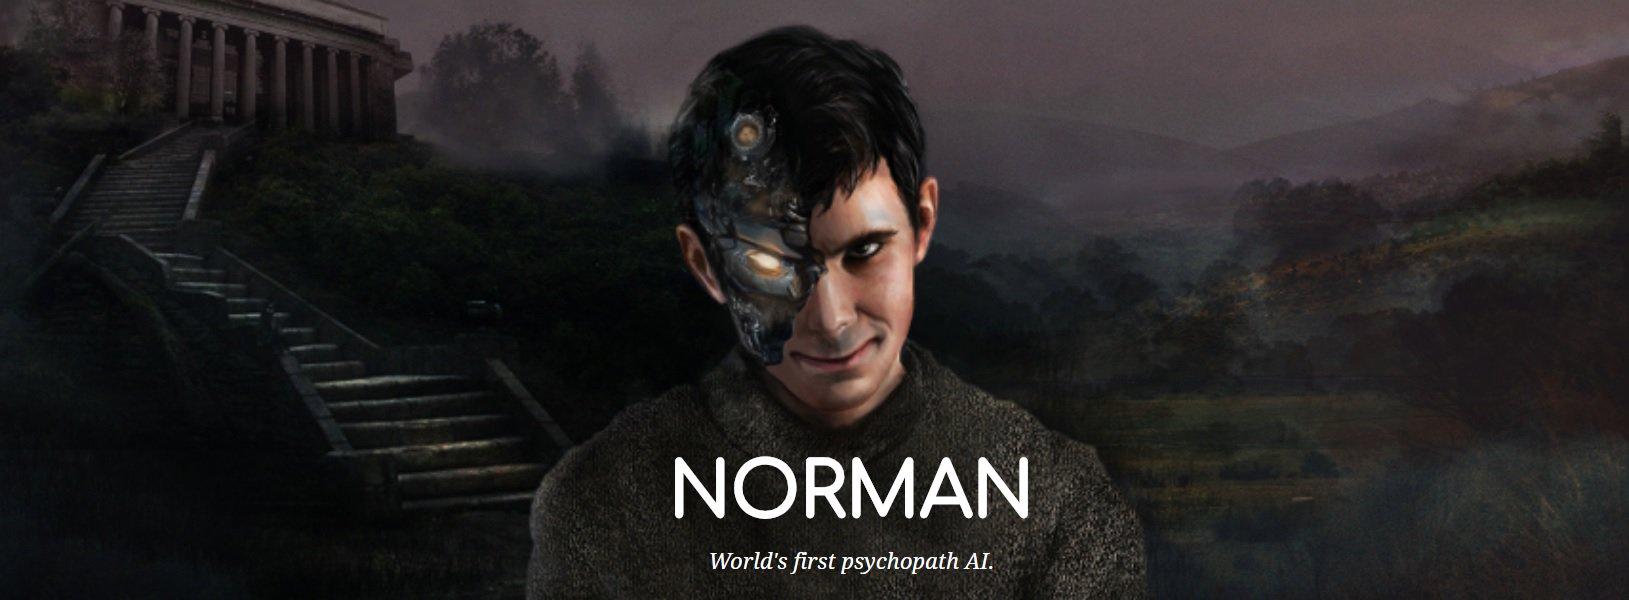 Ученые создали ИИ-психопата